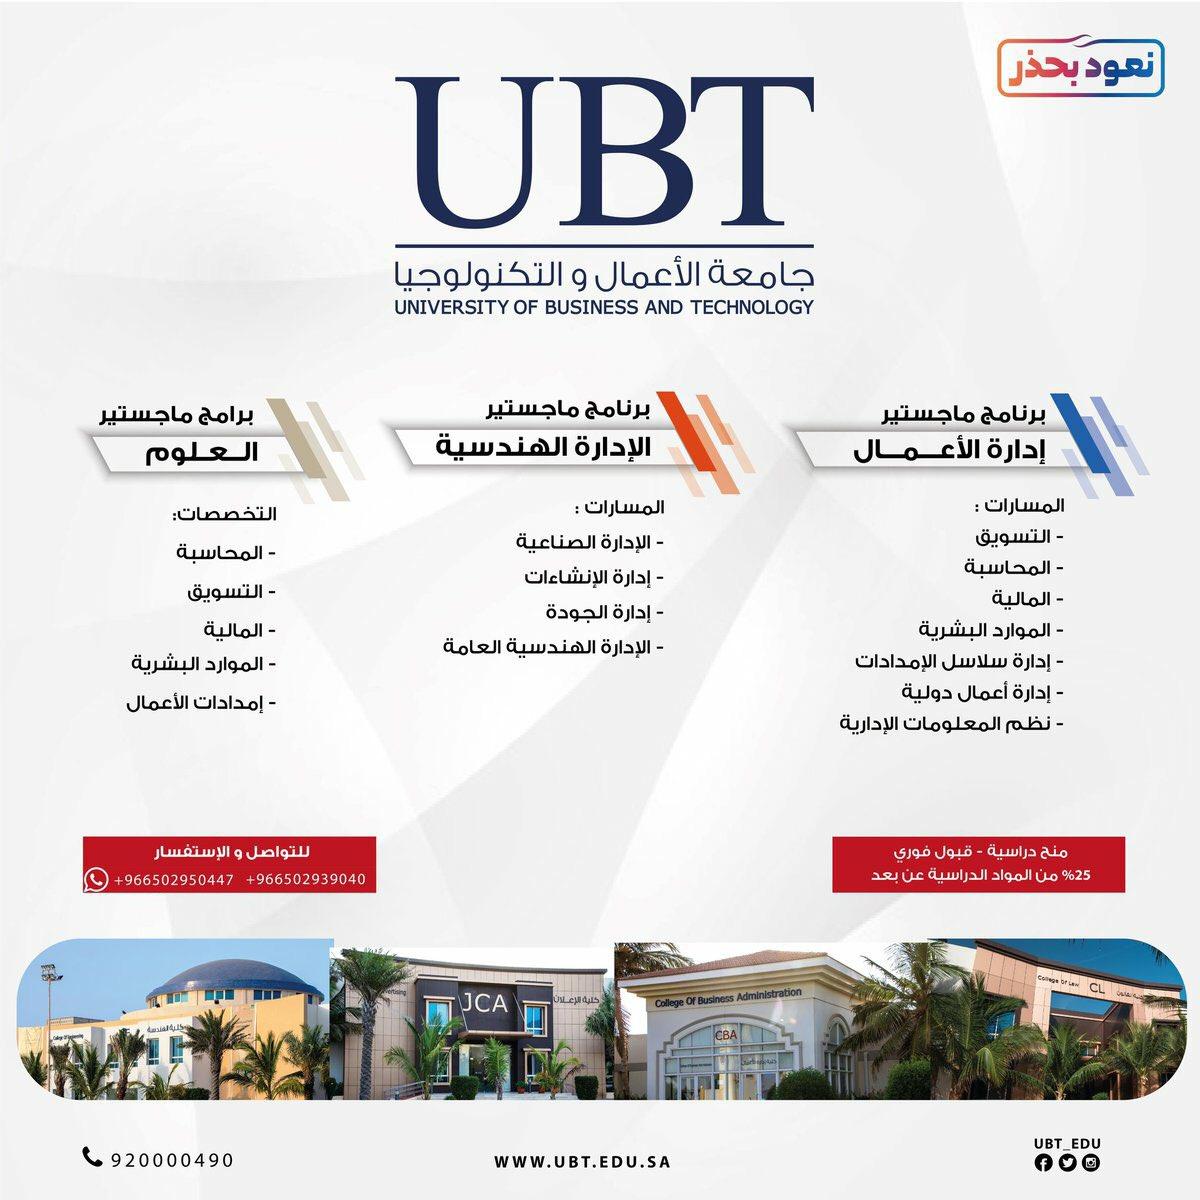 جامعة الأعمال والتكنولوجيا Ubt Ubt Edu Twitter